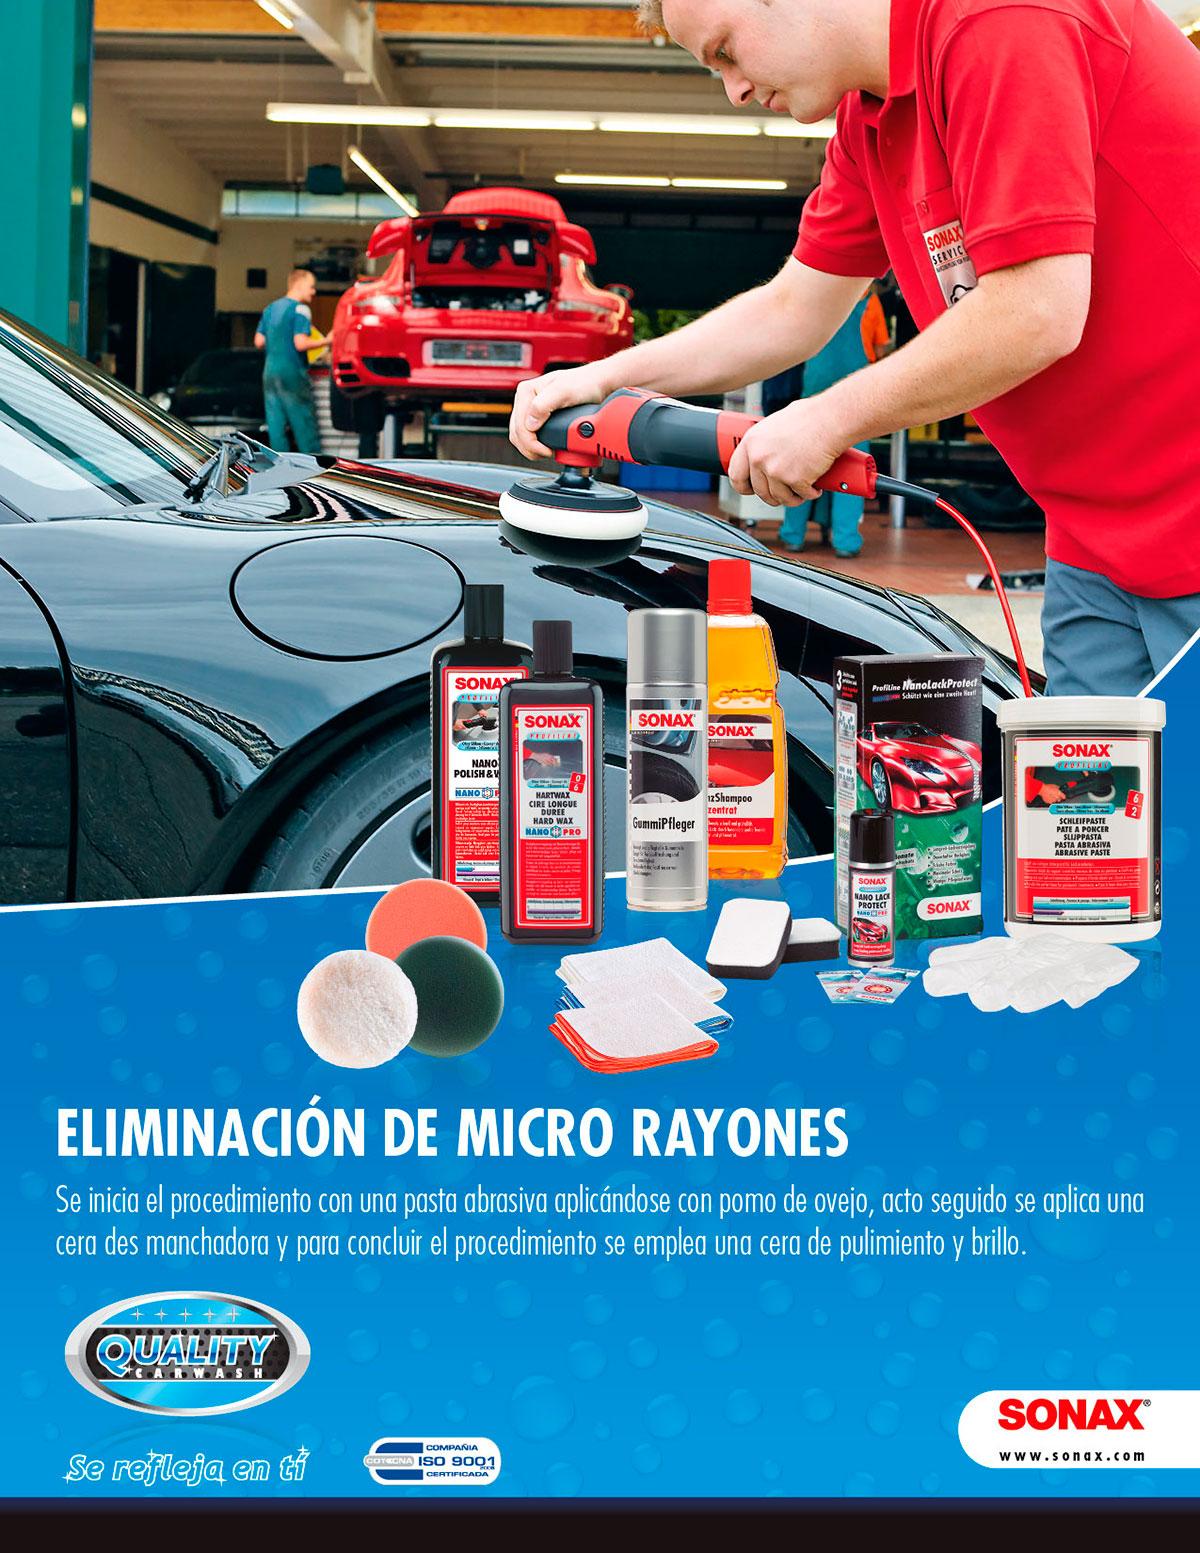 eliminacion_micro_rayones-01